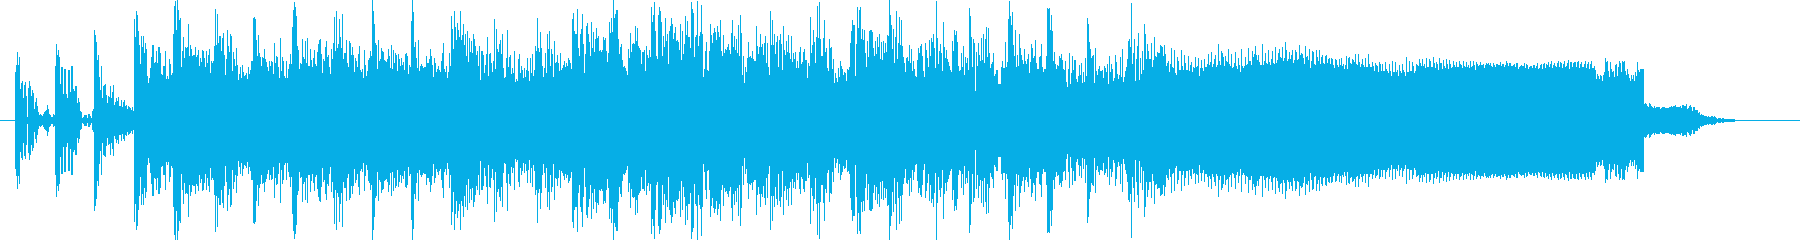 Rockな短めのジングルの再生済みの波形